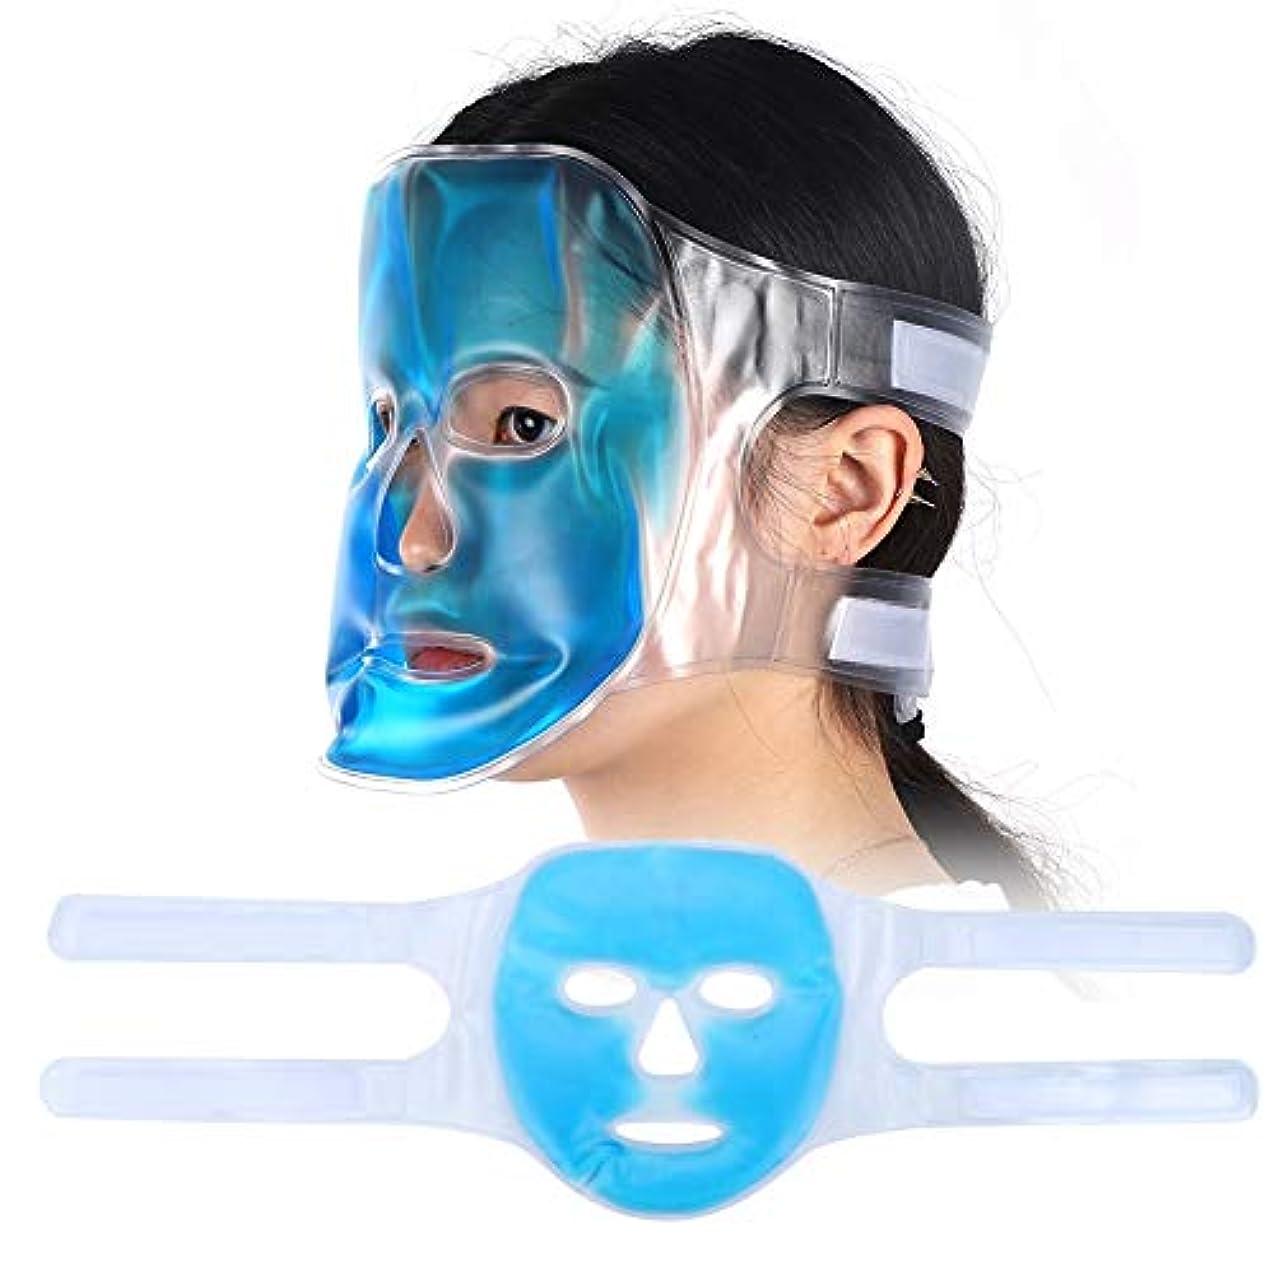 めまいが火星まどろみのある保湿 ジェルブルーフェイスマスク 疲労緩和 リラクゼーションフル フェイスクーリングマスク